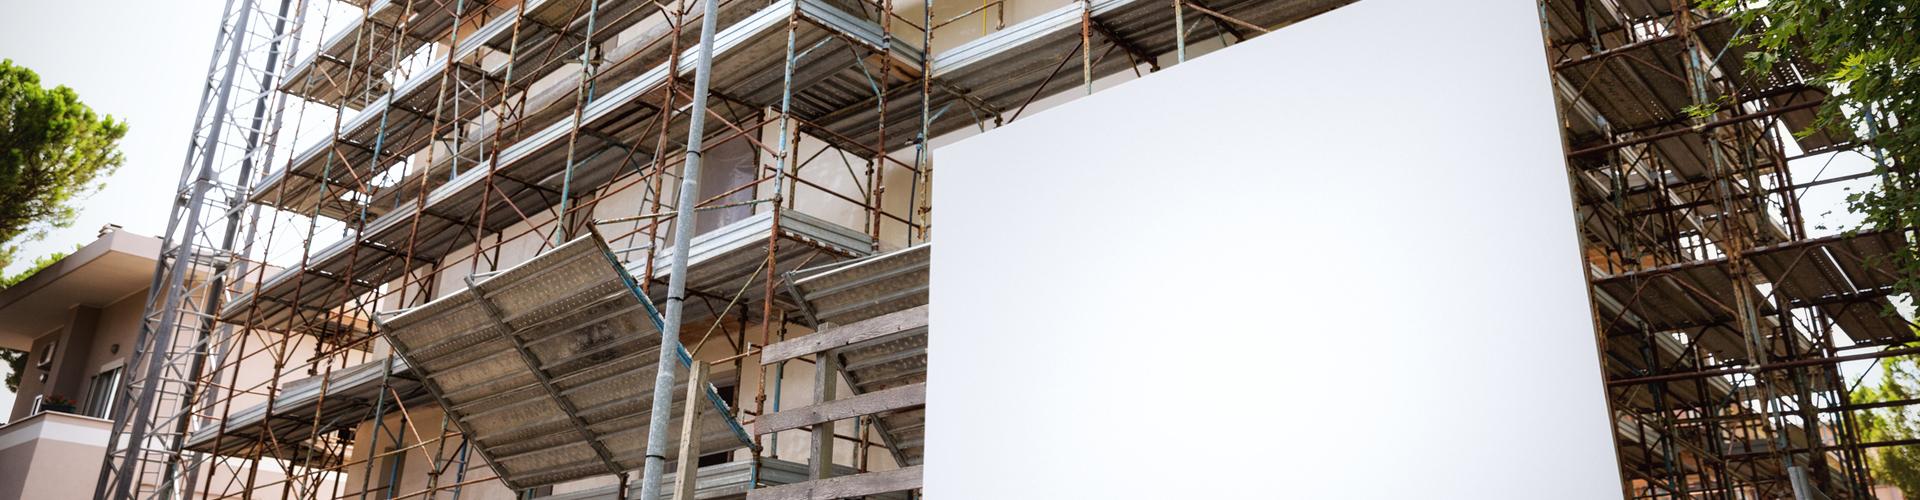 工事現場のフェンス看板(サイズ約2m×1m)